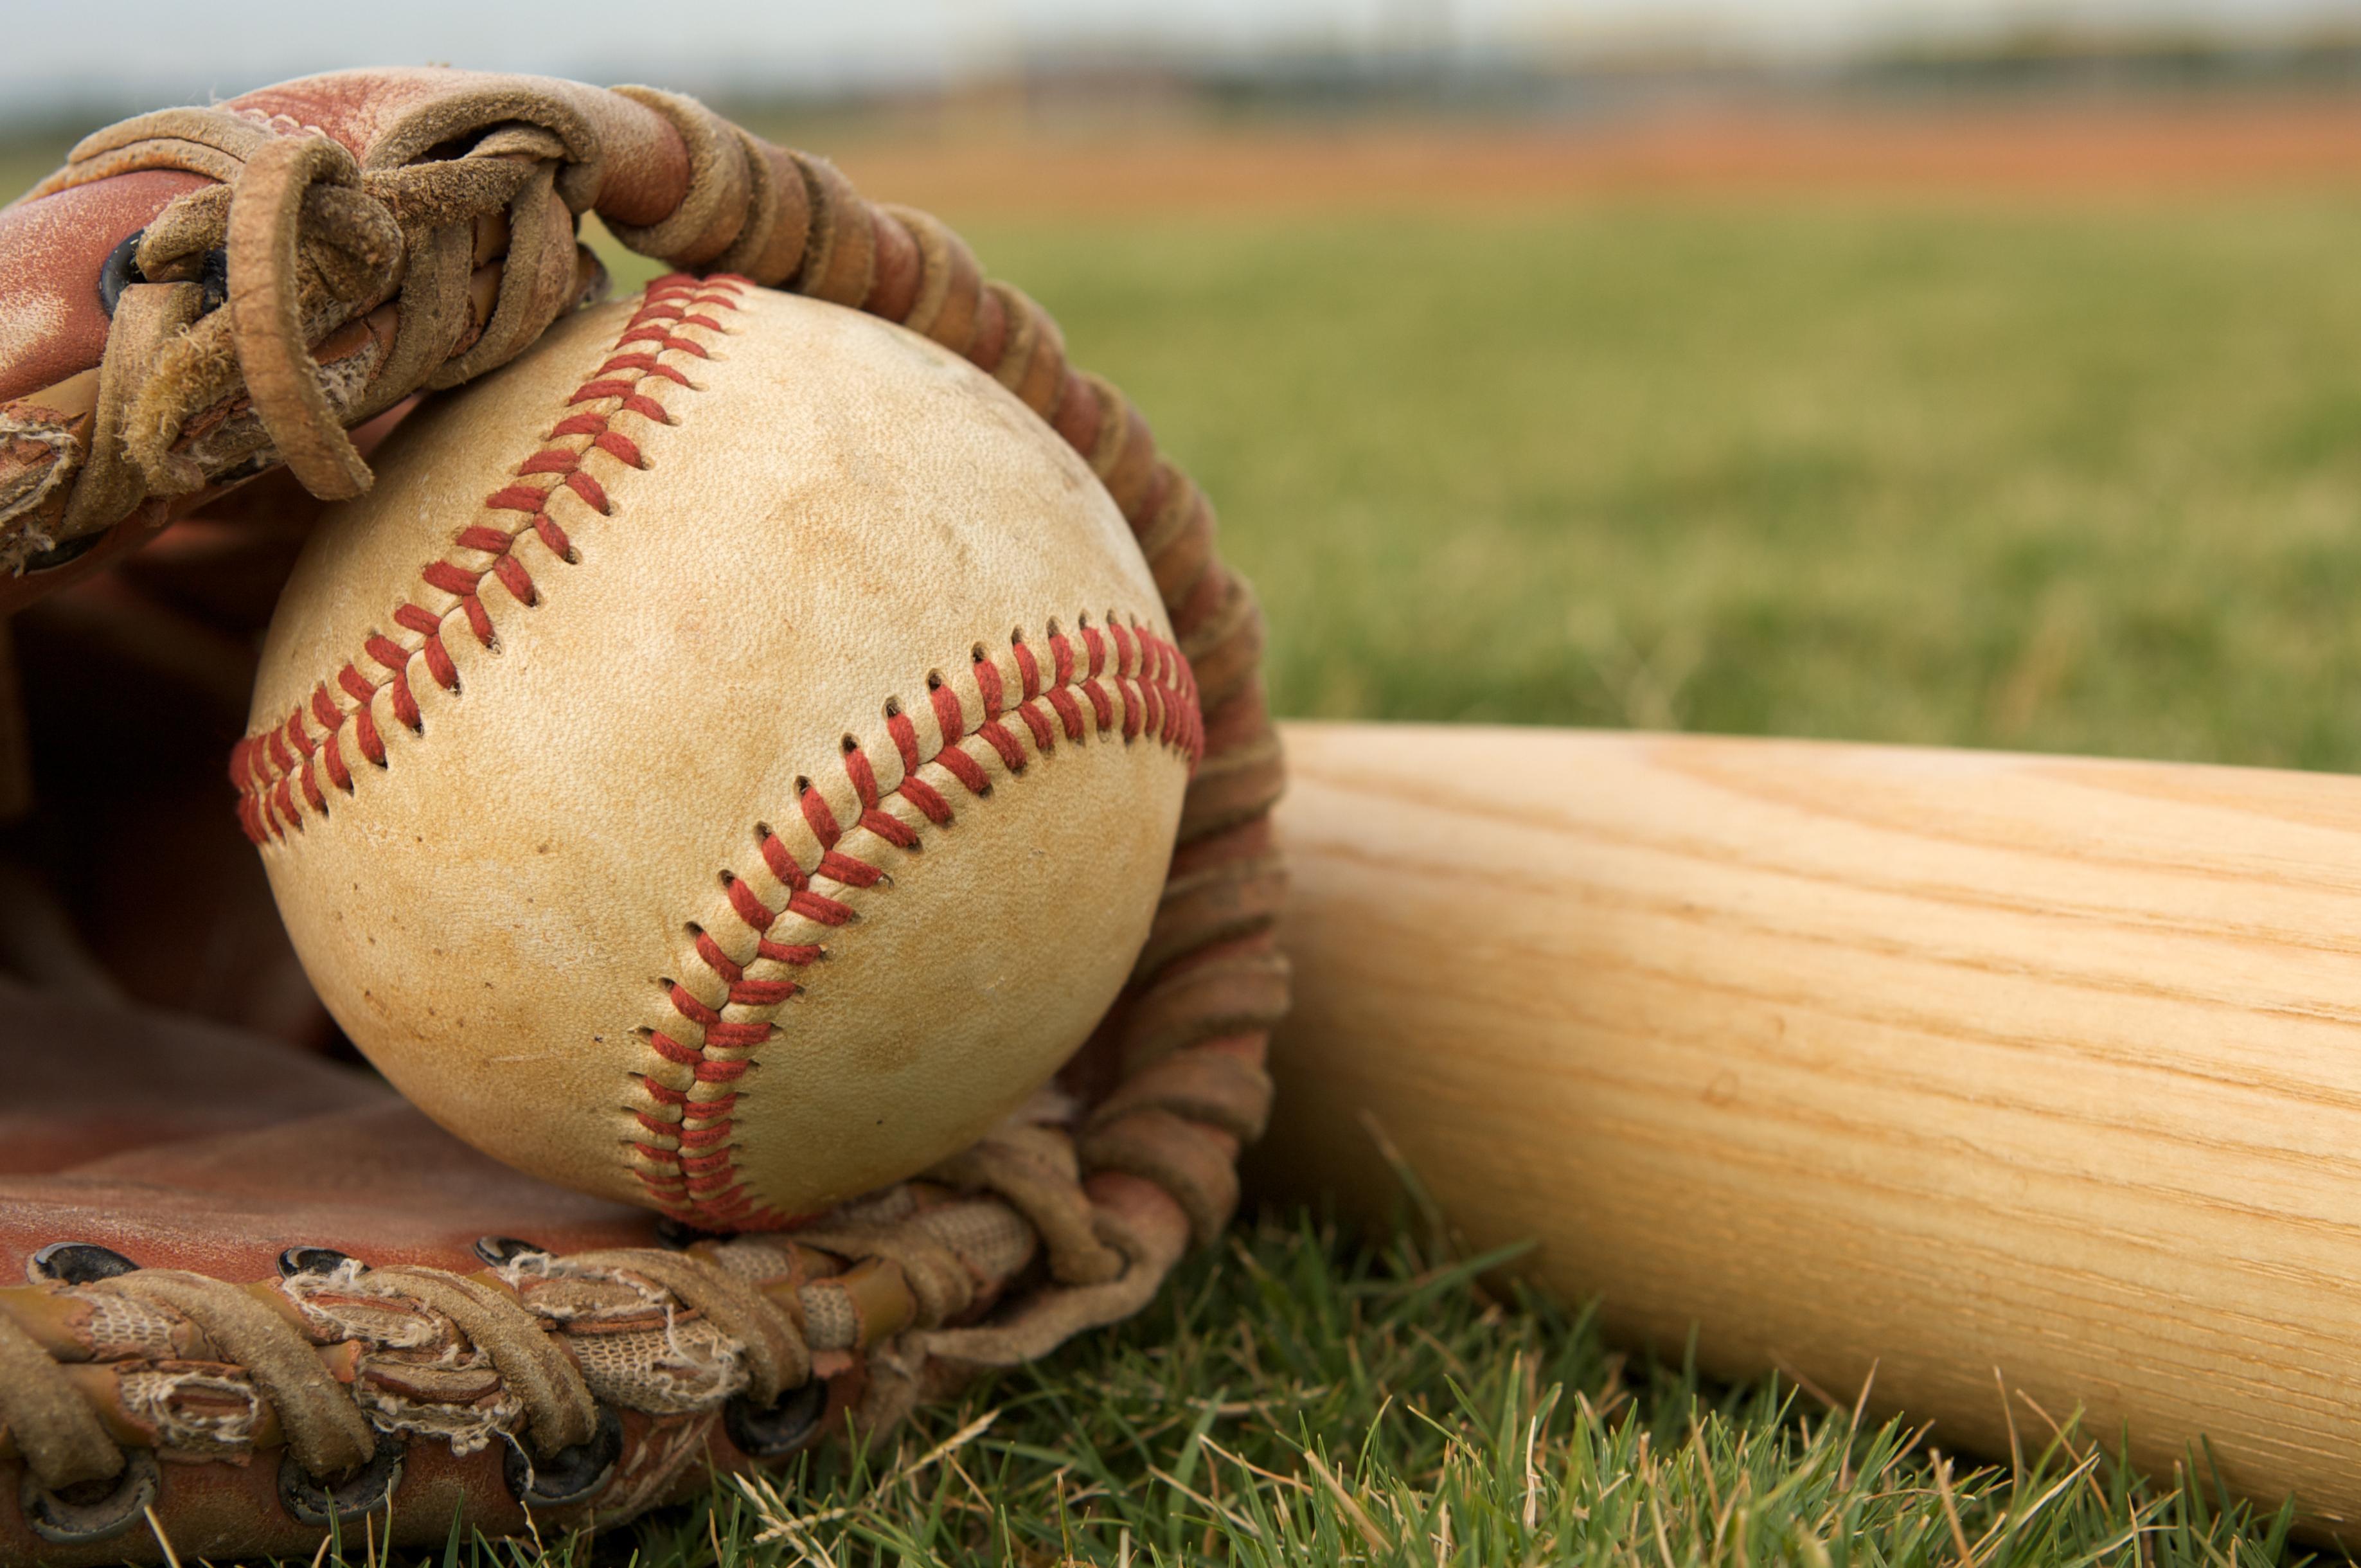 Baseball, glove, and bat